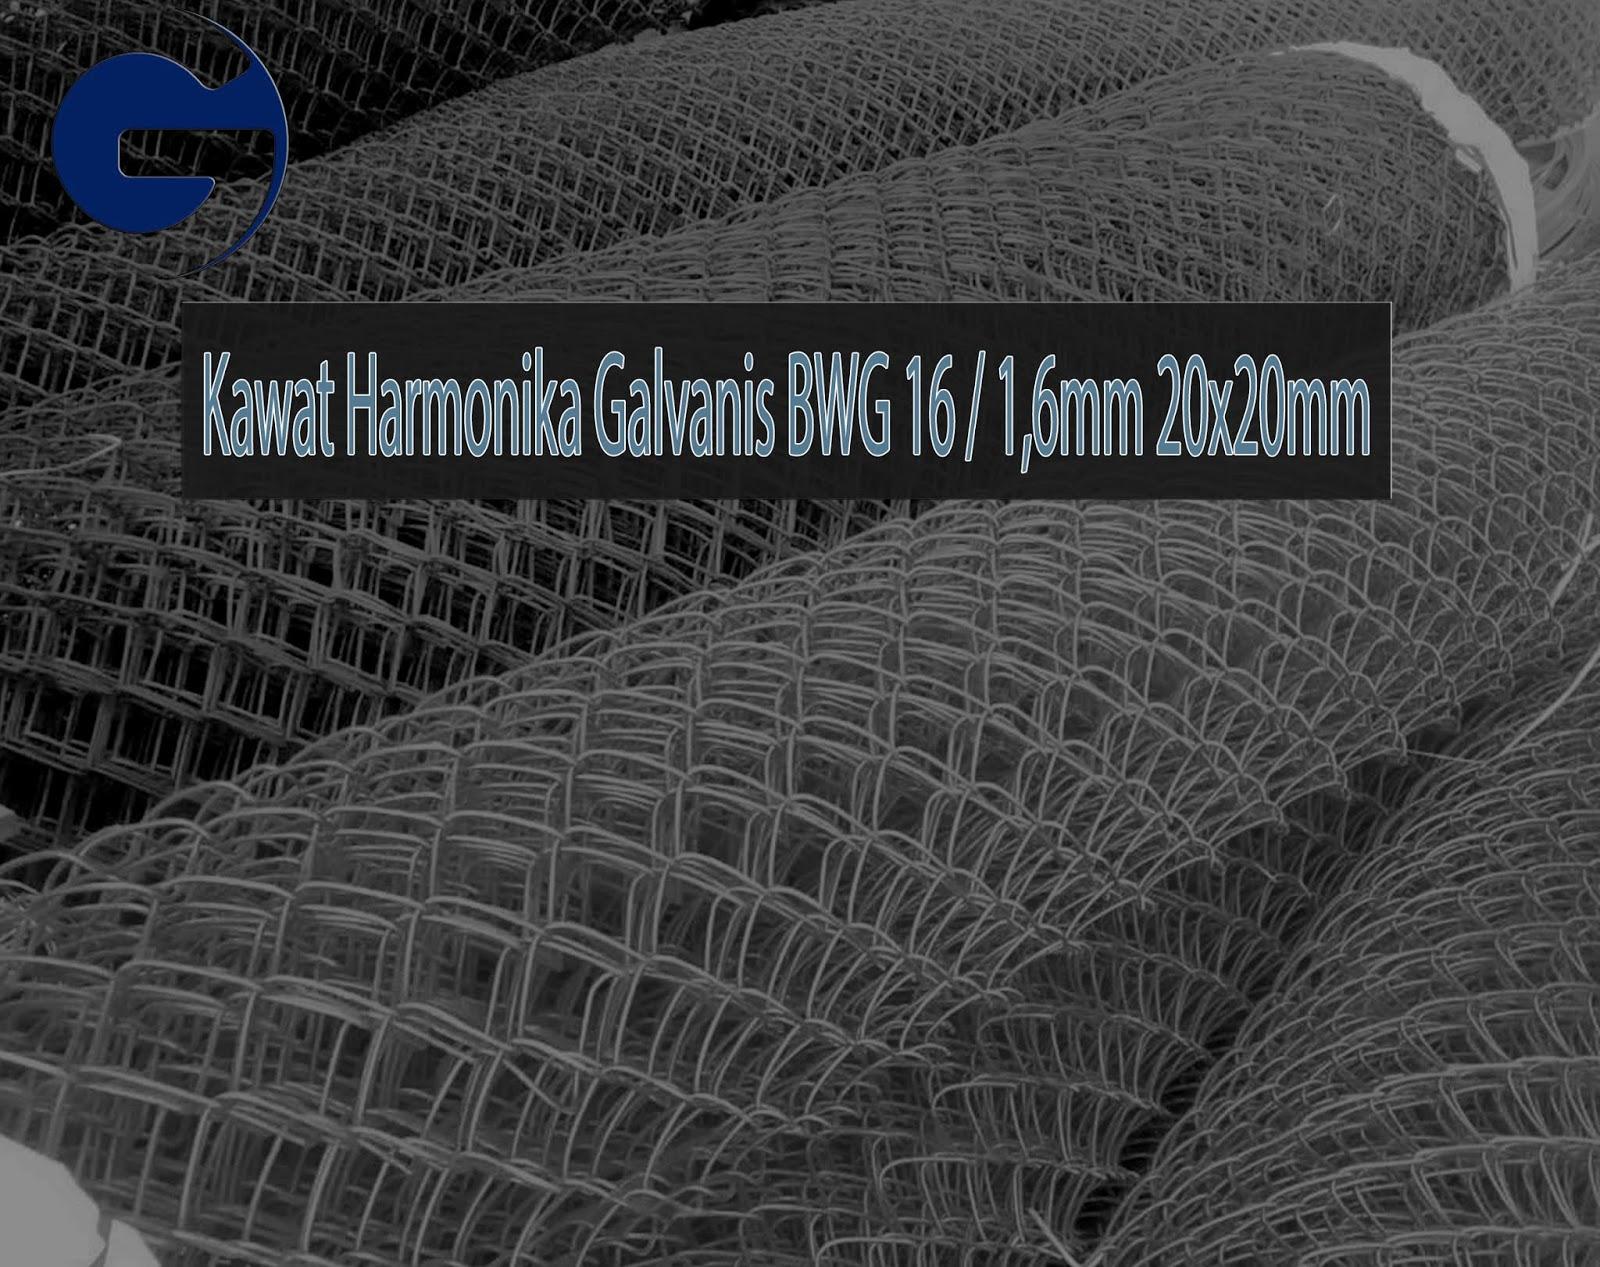 Jual Kawat Harmonika Galvanis SNI BWG 16/1,6mm 20x20mm